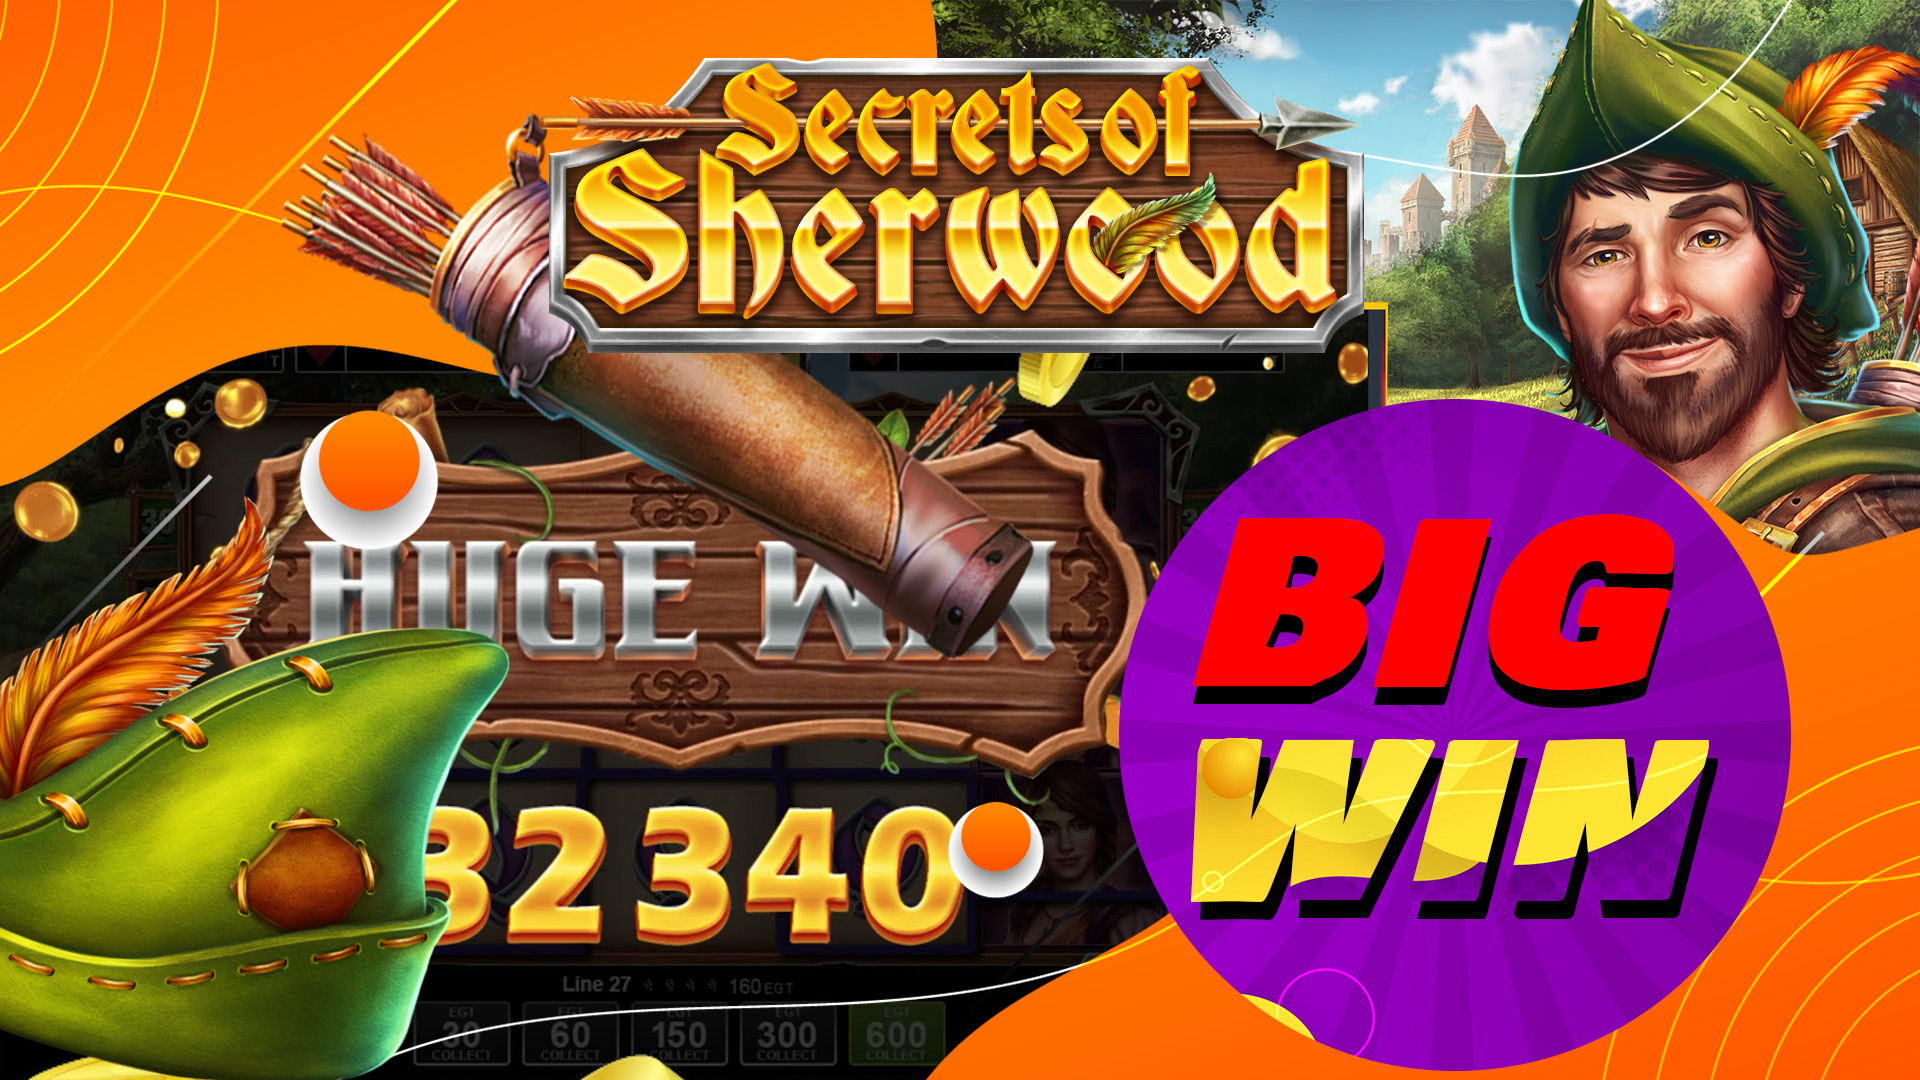 secrets-of-sherwood-big-wins